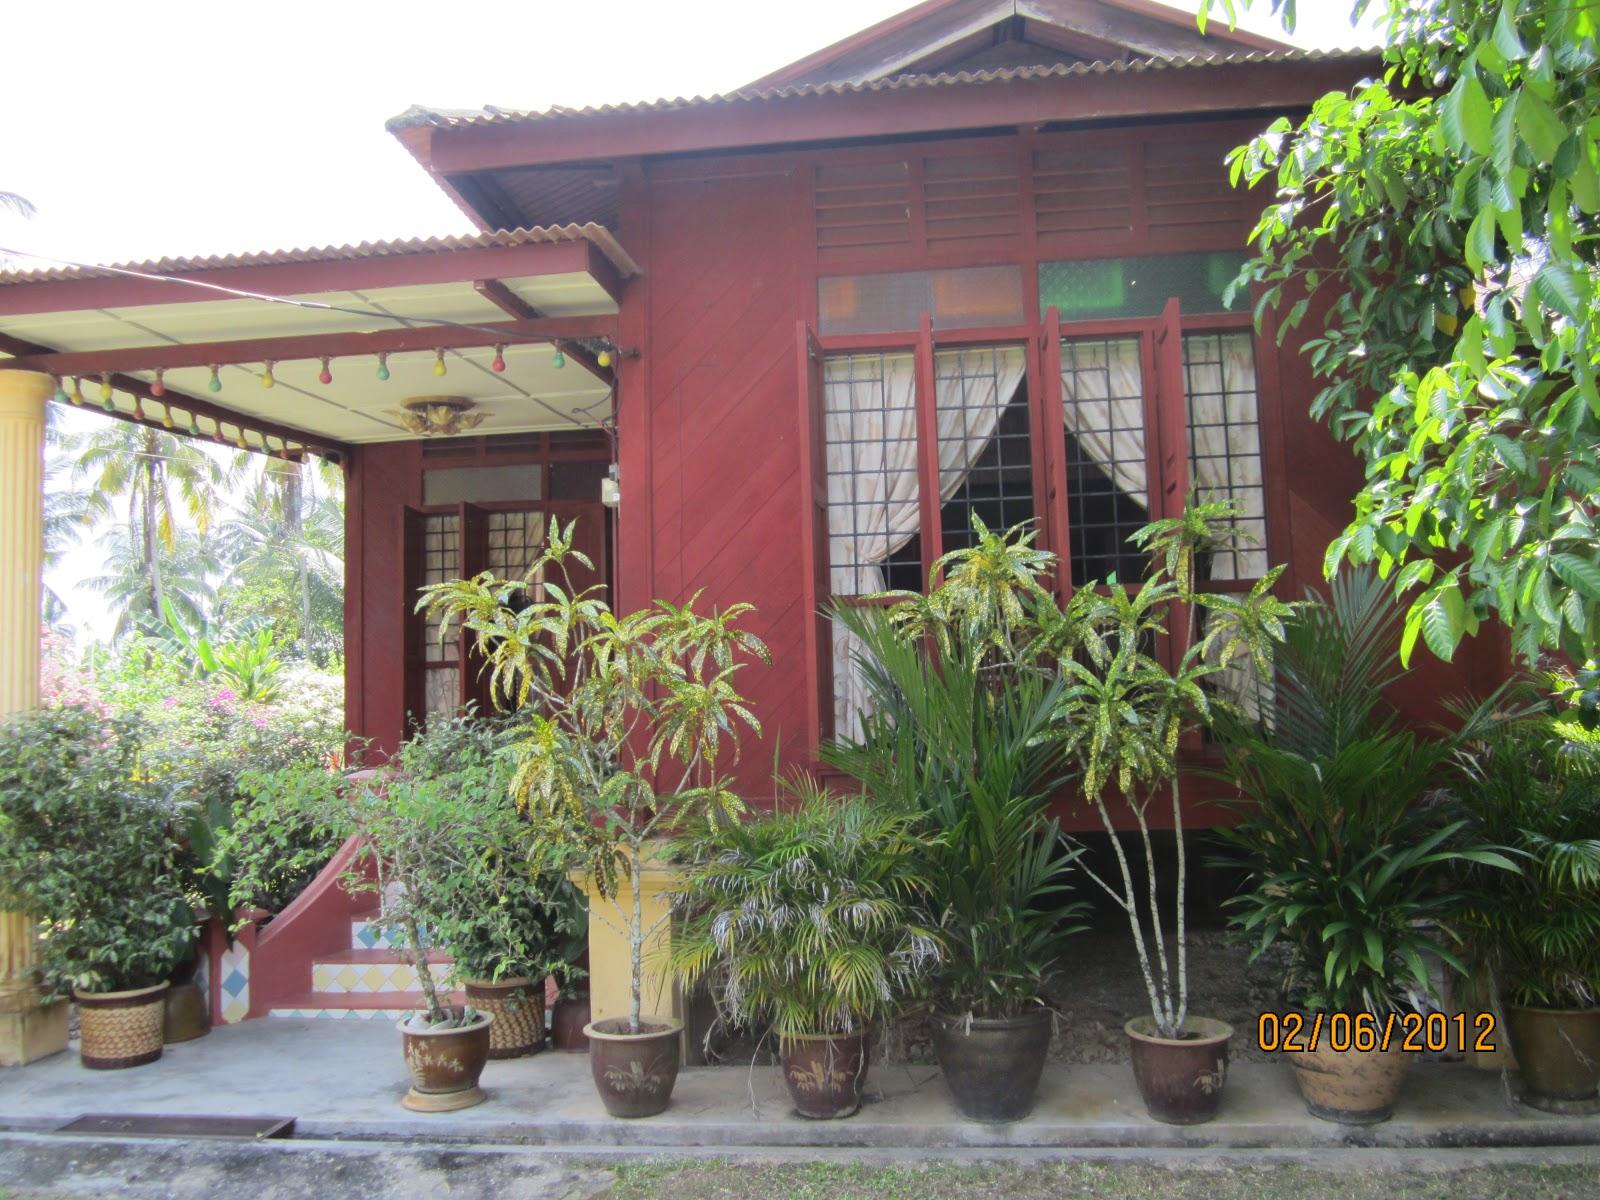 Ujang Kutik Negeri Sembilan Rumah Rumah Reka Bentuk Tradisional